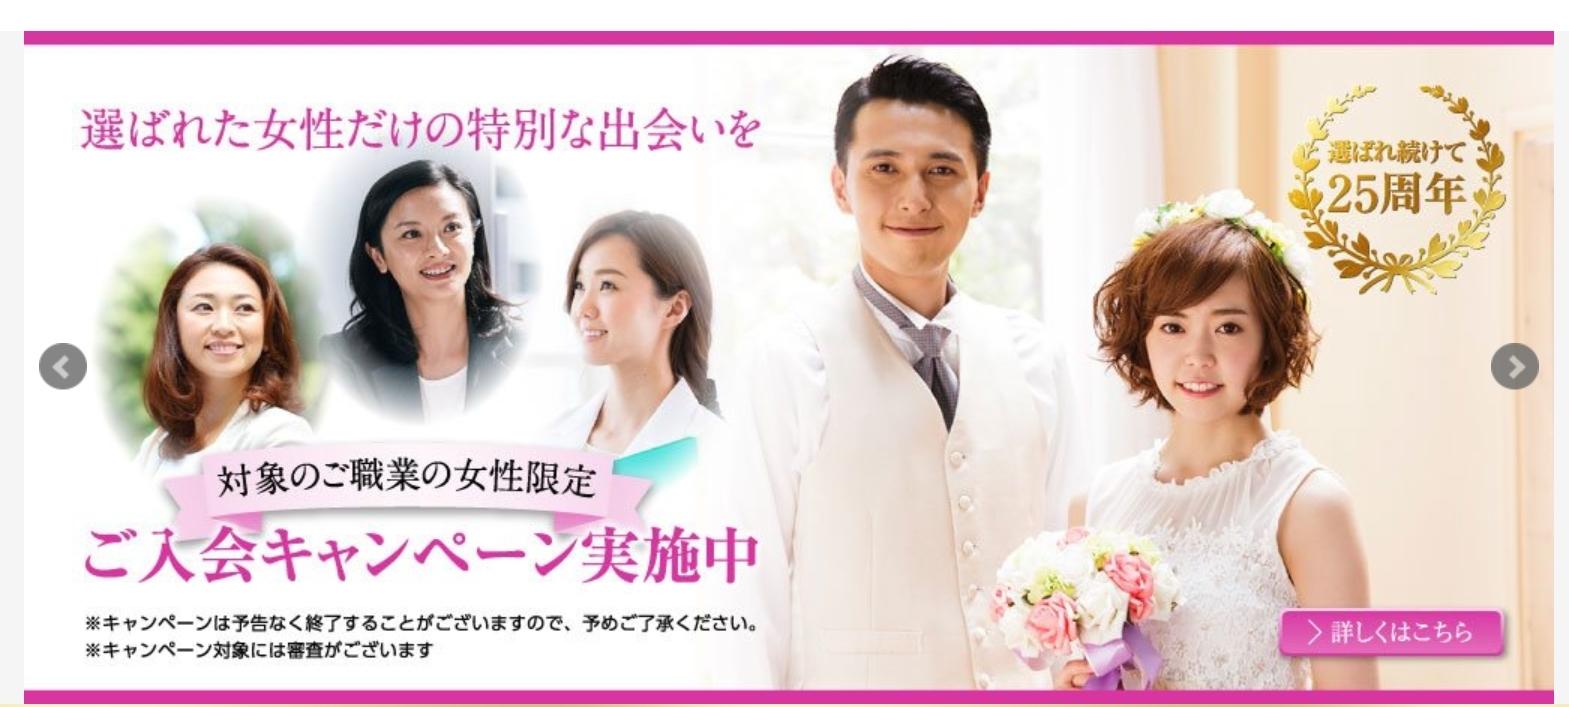 【低年収NG】婚活で会えるエグゼクティブ男性の実態ついて徹底解説 - %e5%a9%9a%e6%b4%bb